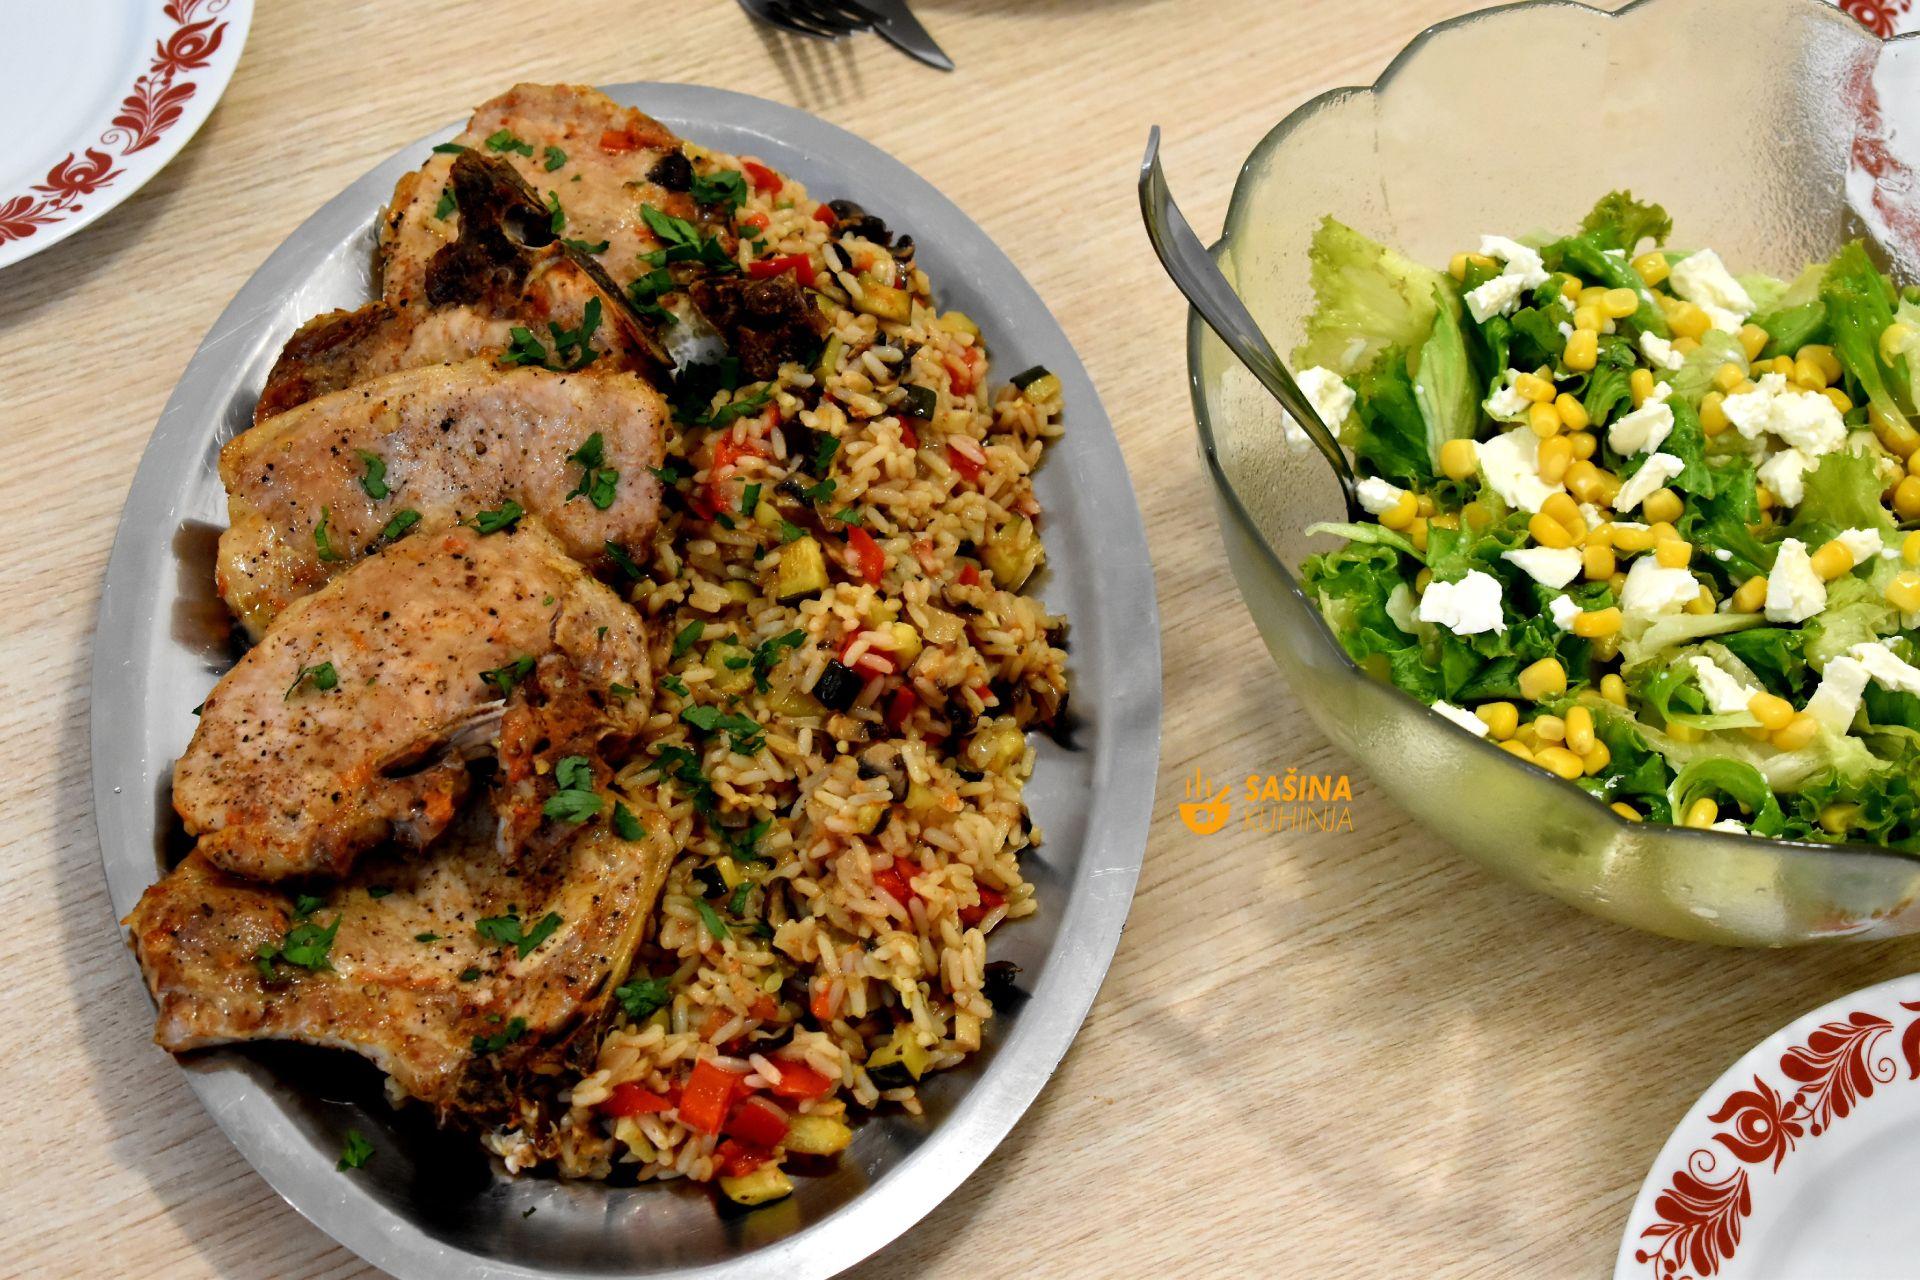 krmenadli s rižom i povrćem iz pećnice kotleti kremenadle sašina kuhinja